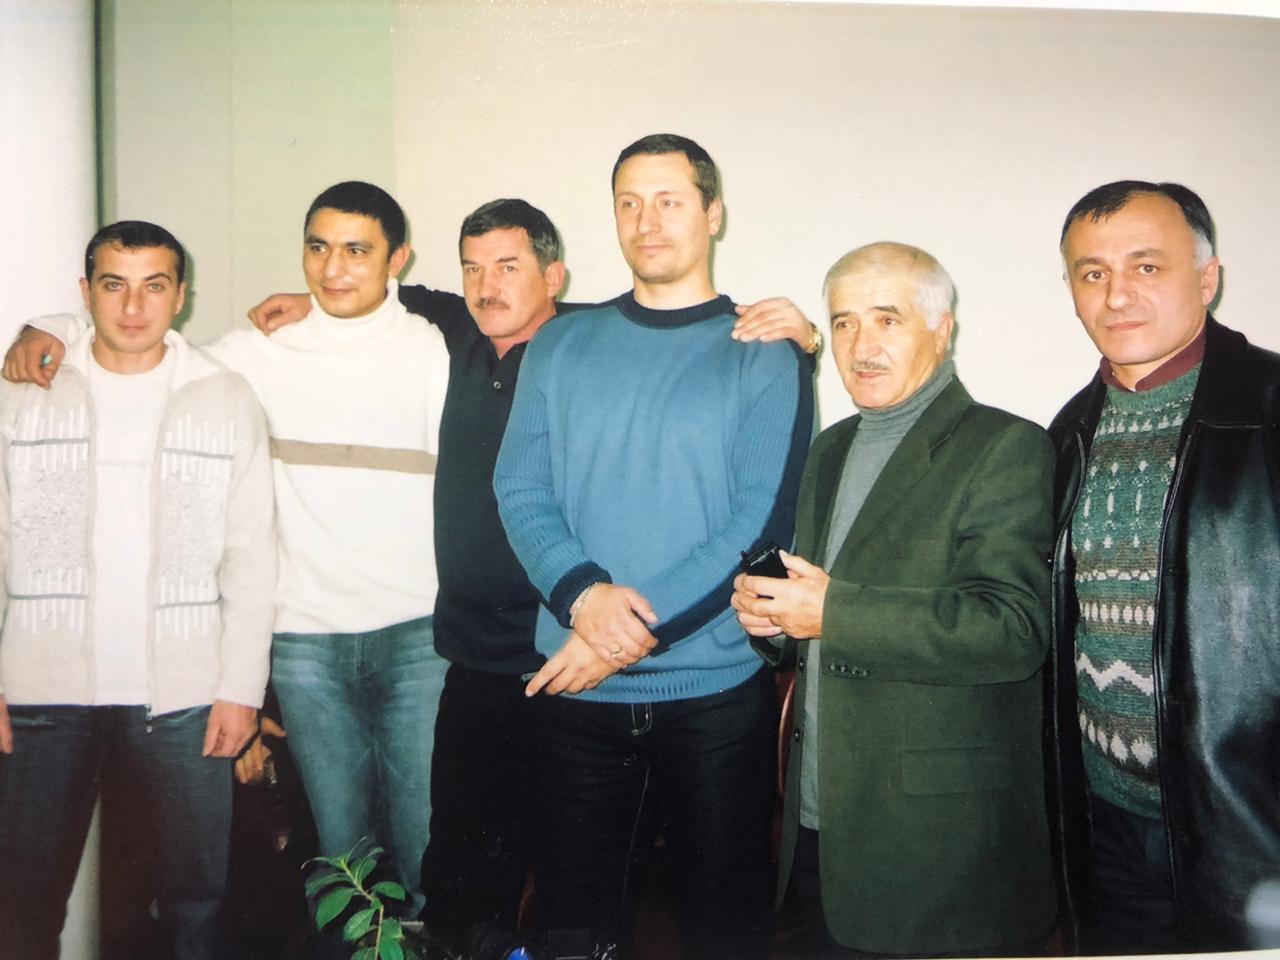 C:\Documents and Settings\Admin\Рабочий стол\1999\Дагестанские журналисты, работавщие на федеральные ТВ и информагентства.jpeg